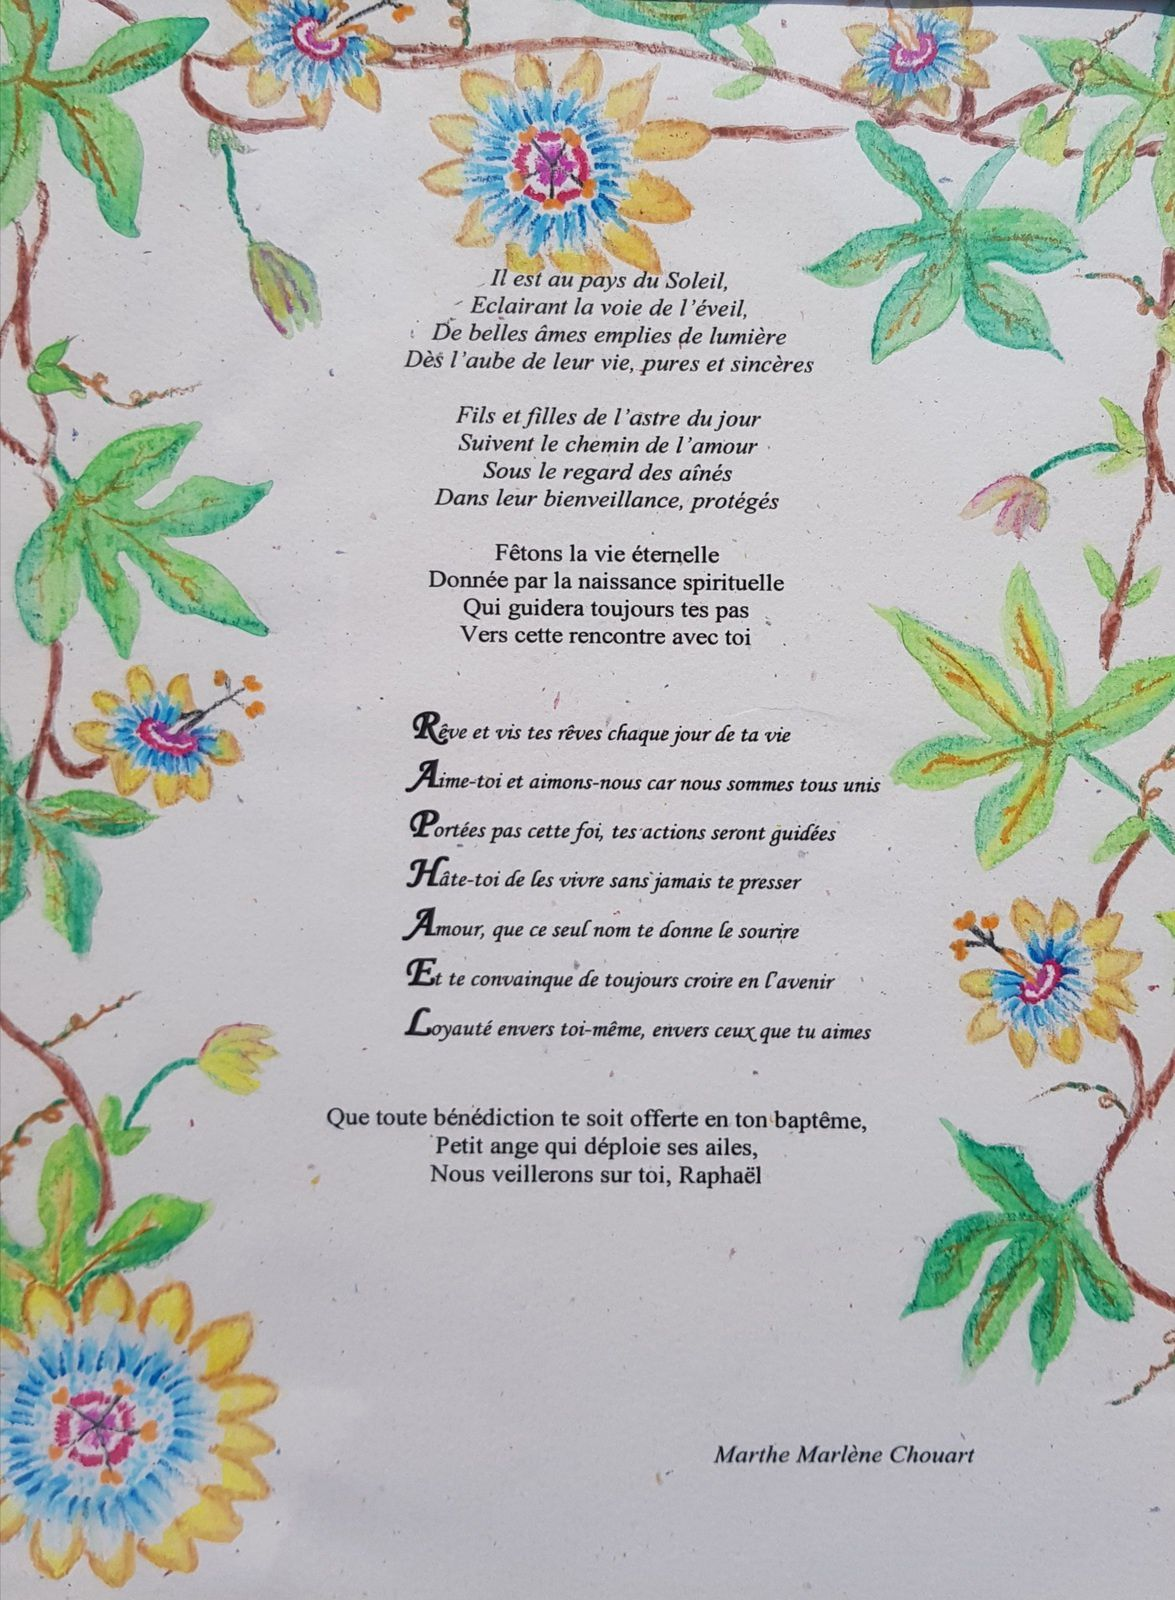 Amour Rencontre Poeme Kadernictvojankask